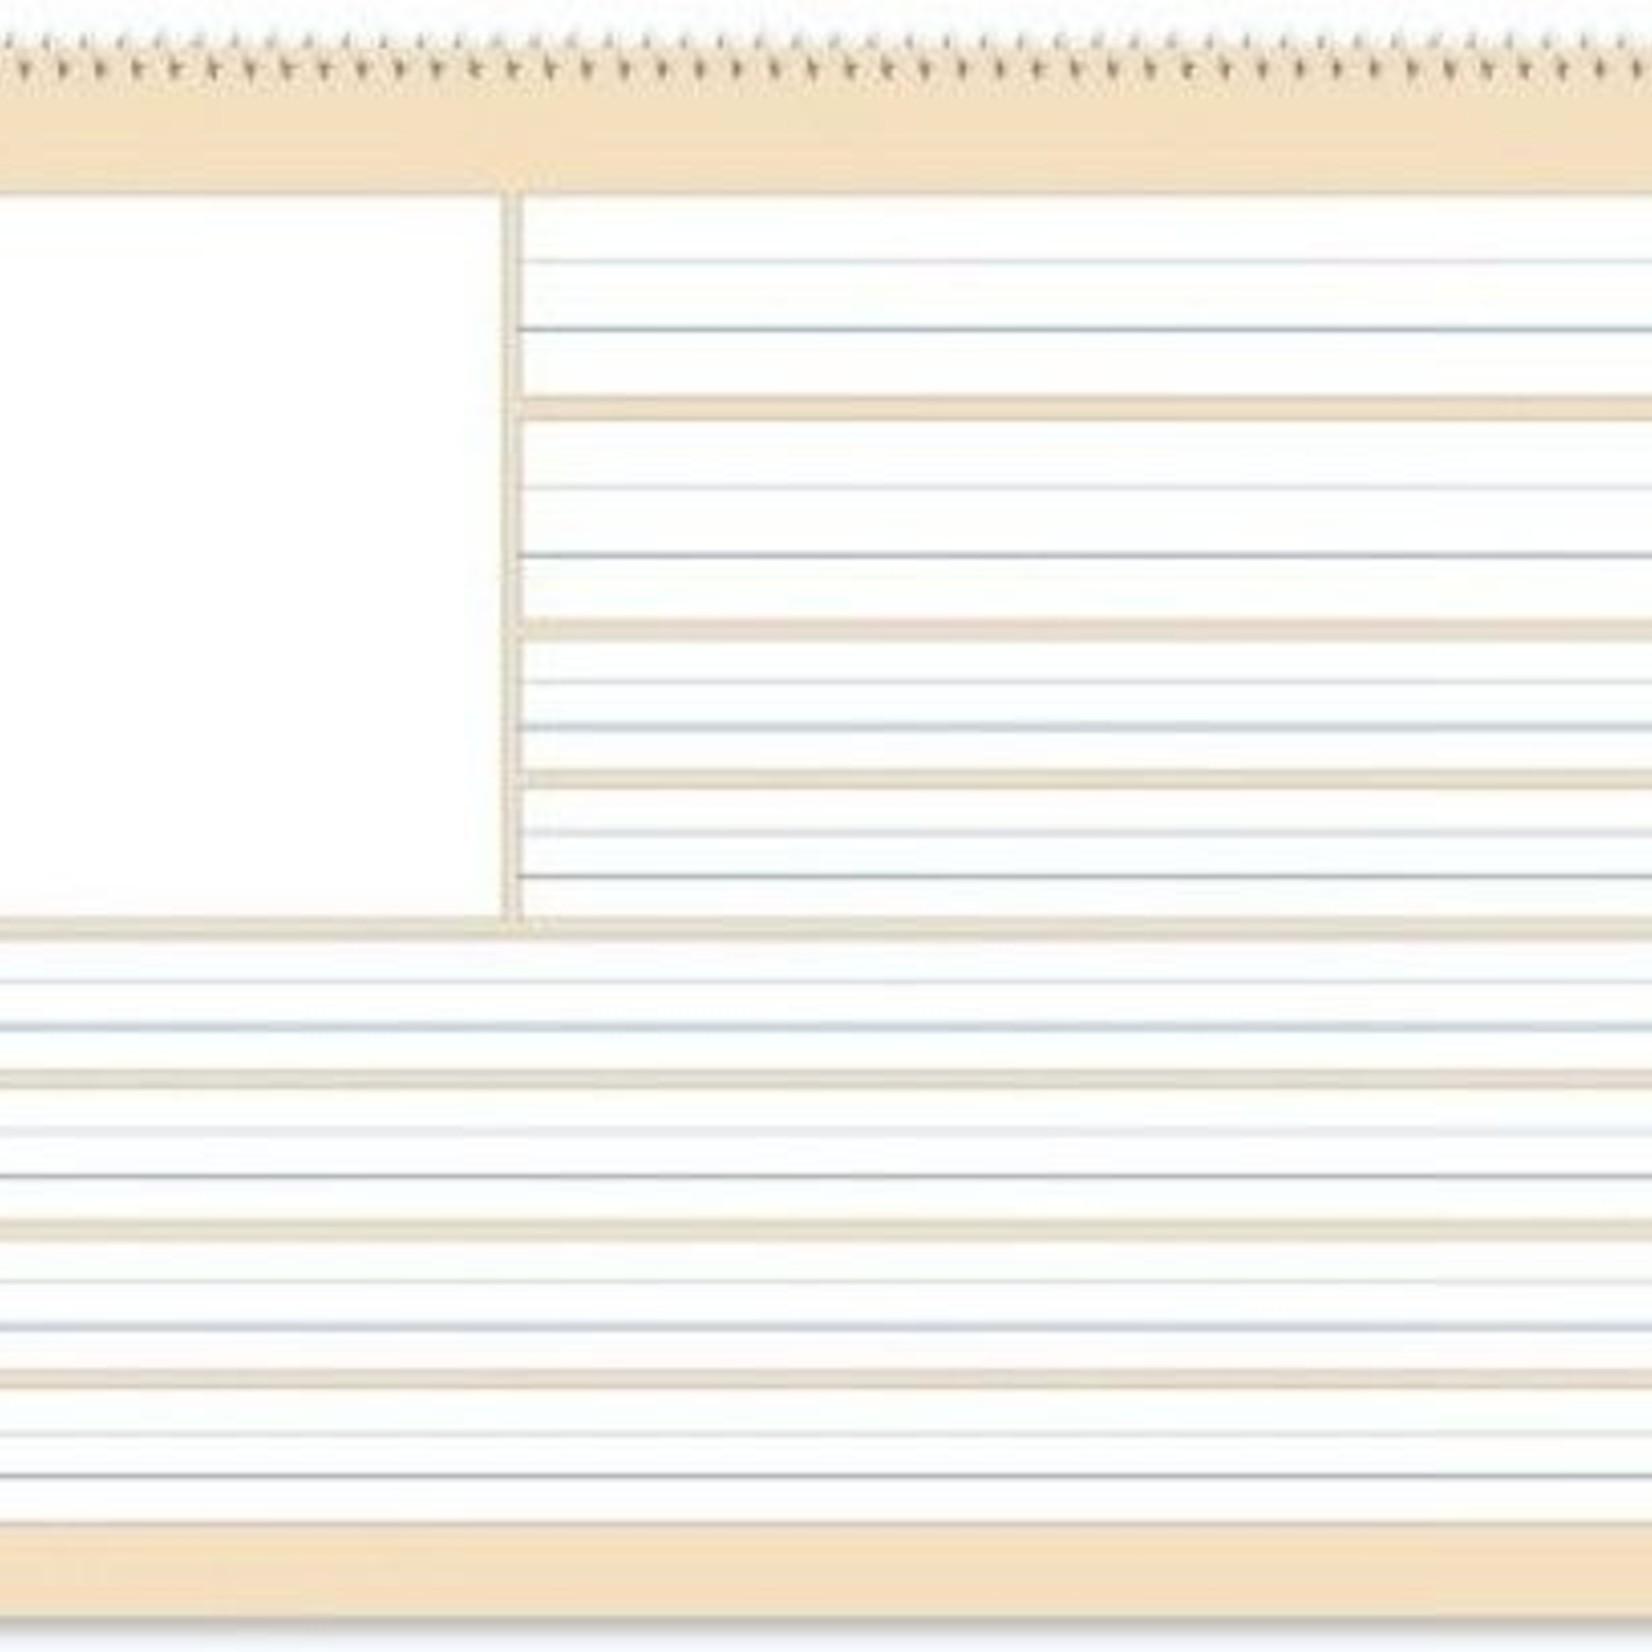 Formati Formati W2 Wörter Spiralblock